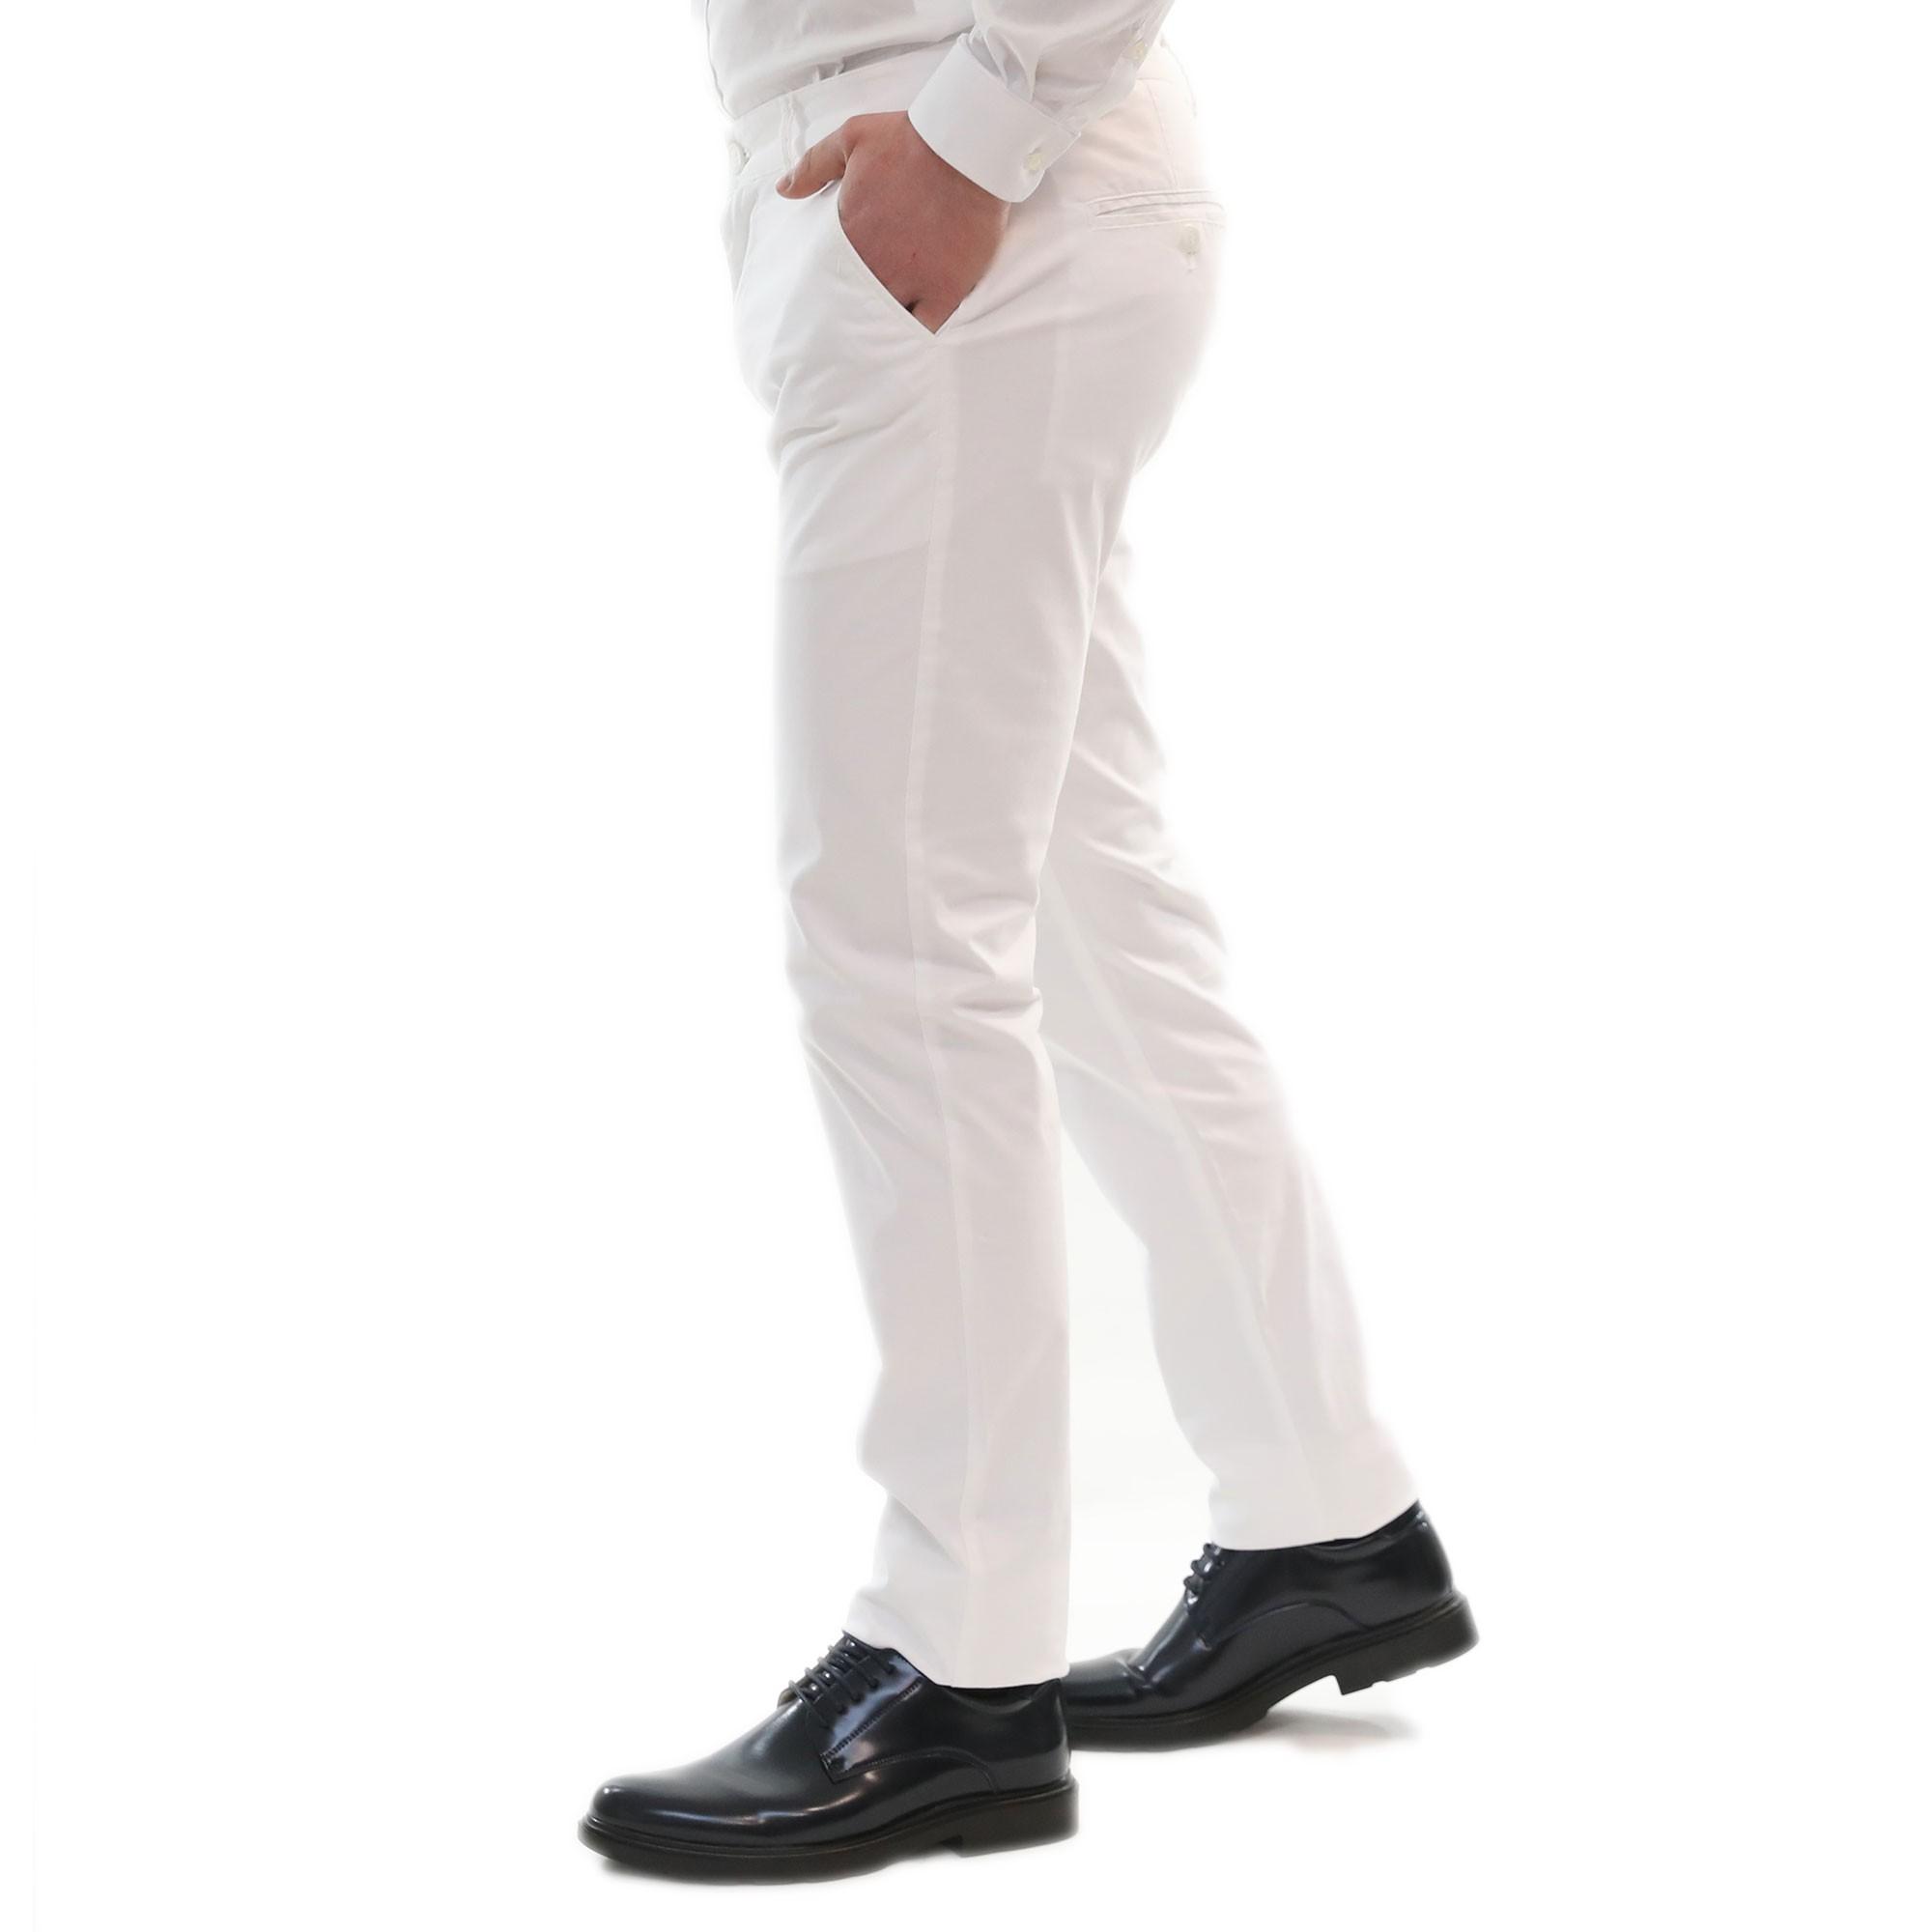 Pantalone-Uomo-Estivo-Cotone-Leggero-Chino-Slim-Fit-Elegante-Tasche-America miniatura 15